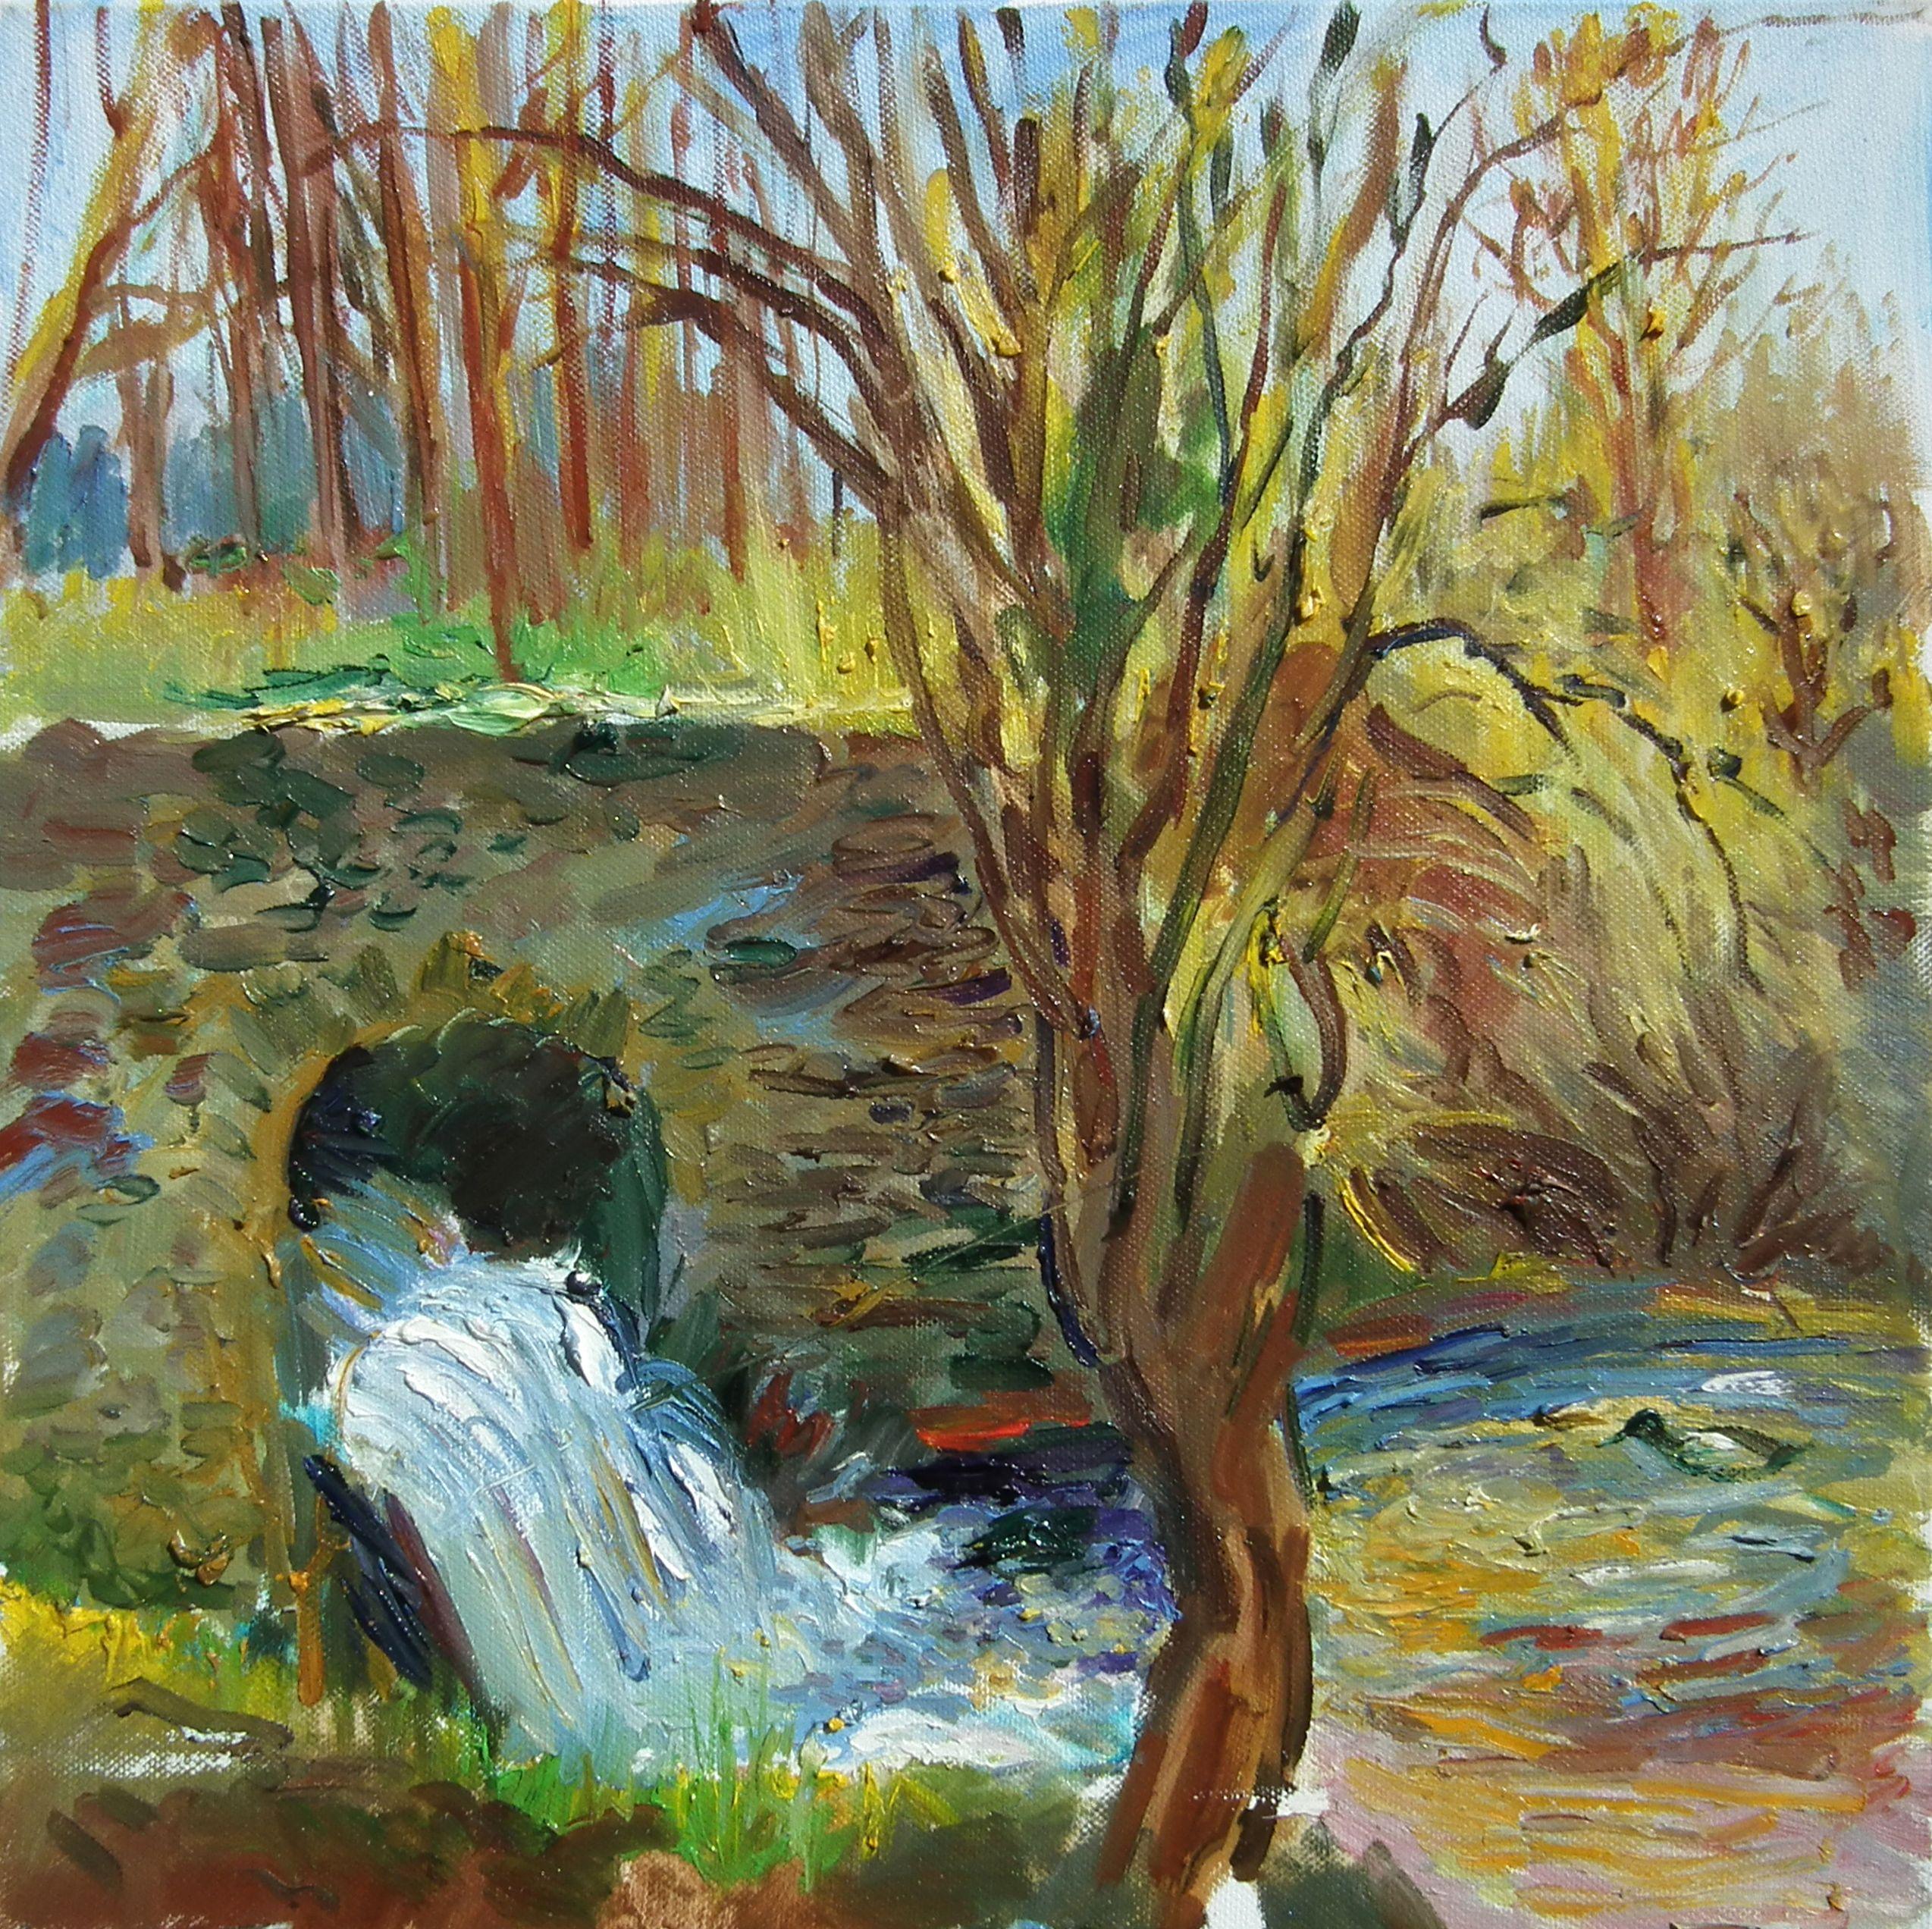 Très Pont, Campagne, automne, feuilles mortes, courant, cascade, eau  VZ46